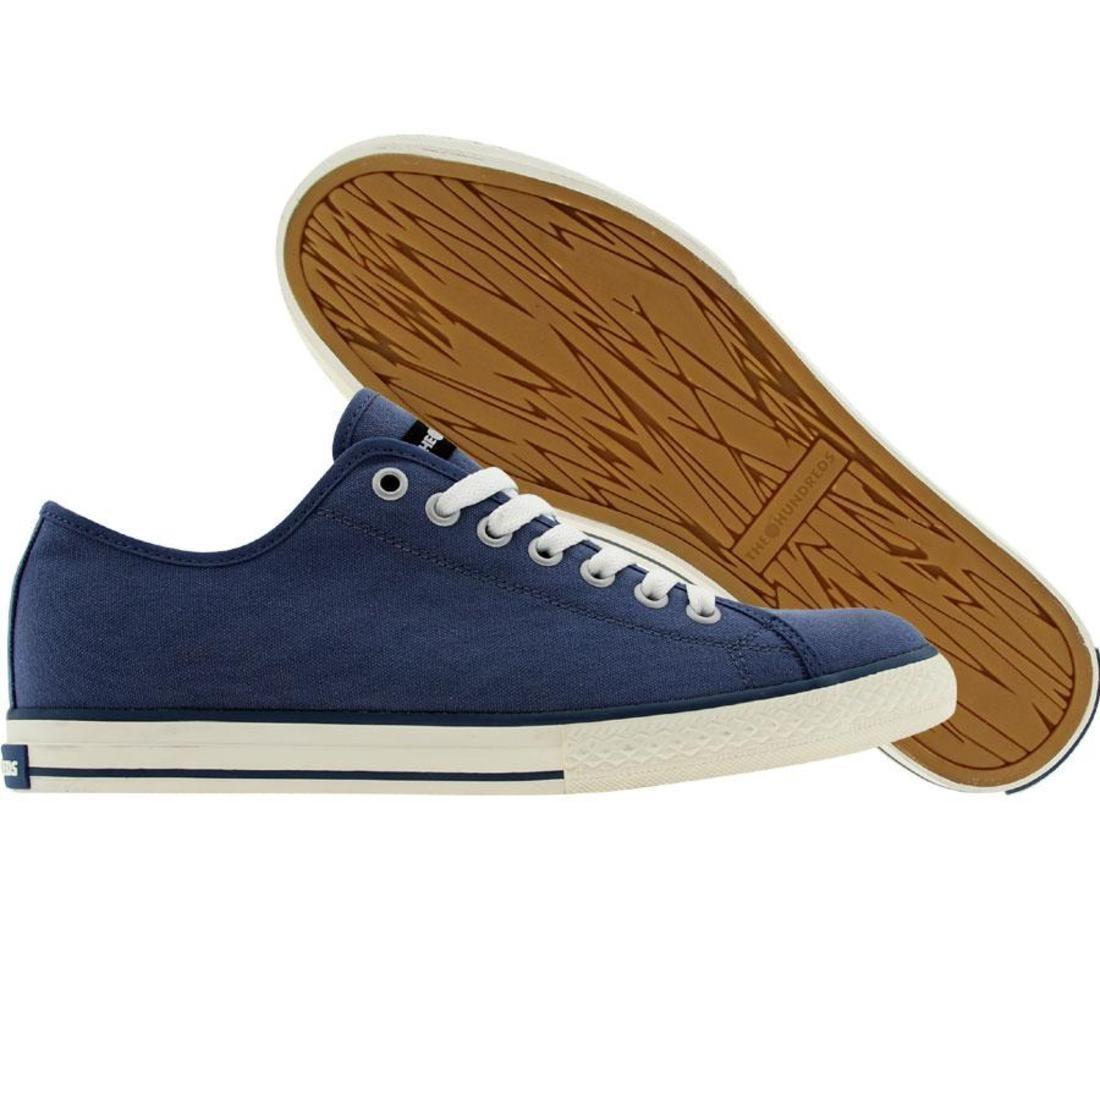 【海外限定】靴 メンズ靴 【 THE HUNDREDS VALENZUELA LOW CANVAS NAVY 】